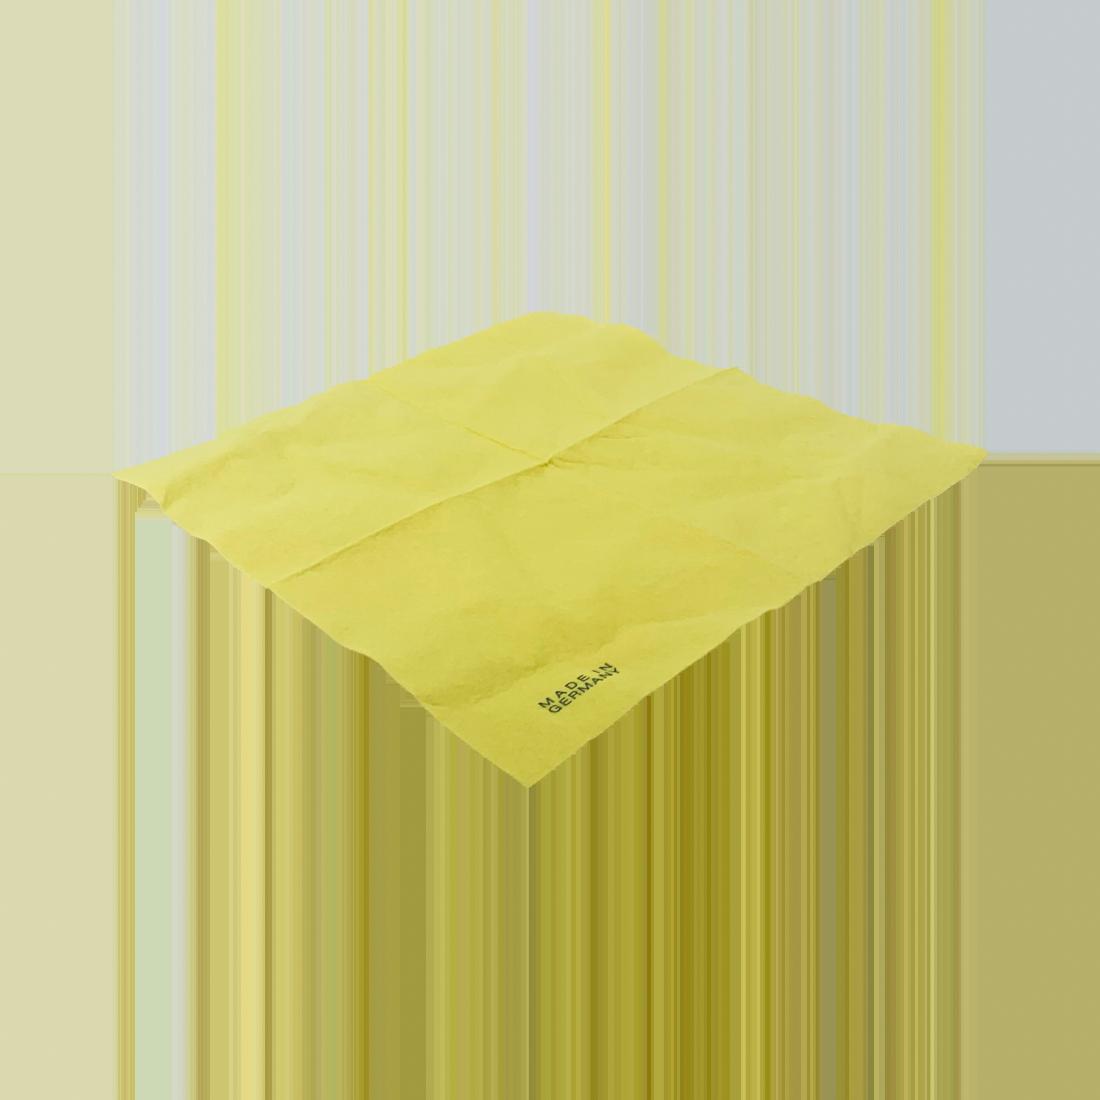 Vlies-Allzwecktuch ca. 110g/m², 300 Stück/Karton, gelb, 38 x 38 cm